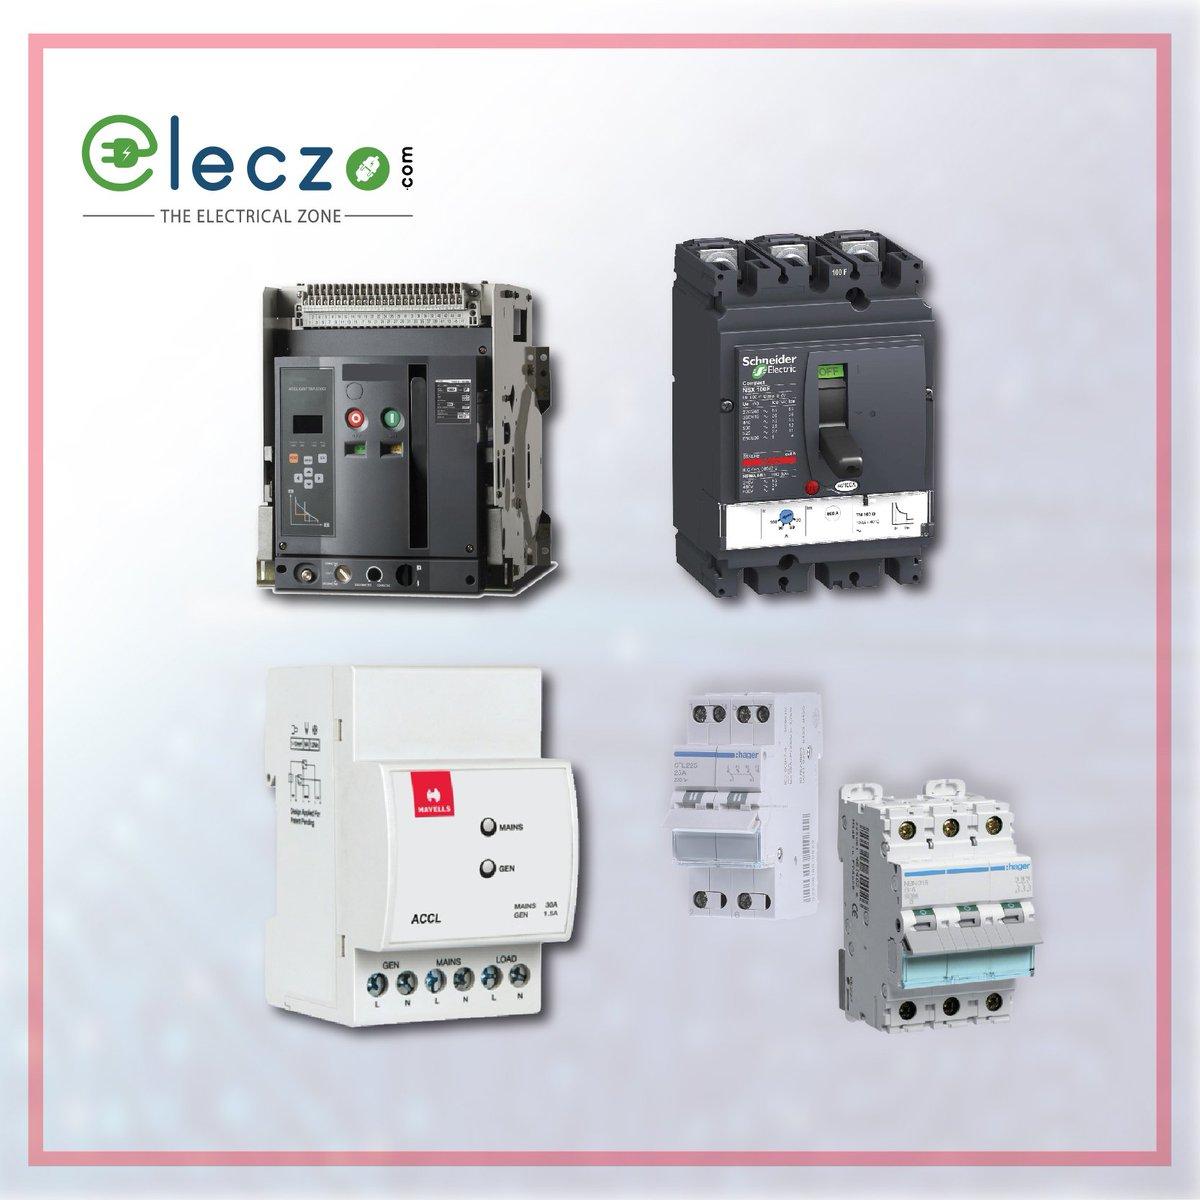 Eleczo.com (@Eleczo_com) | Twitter